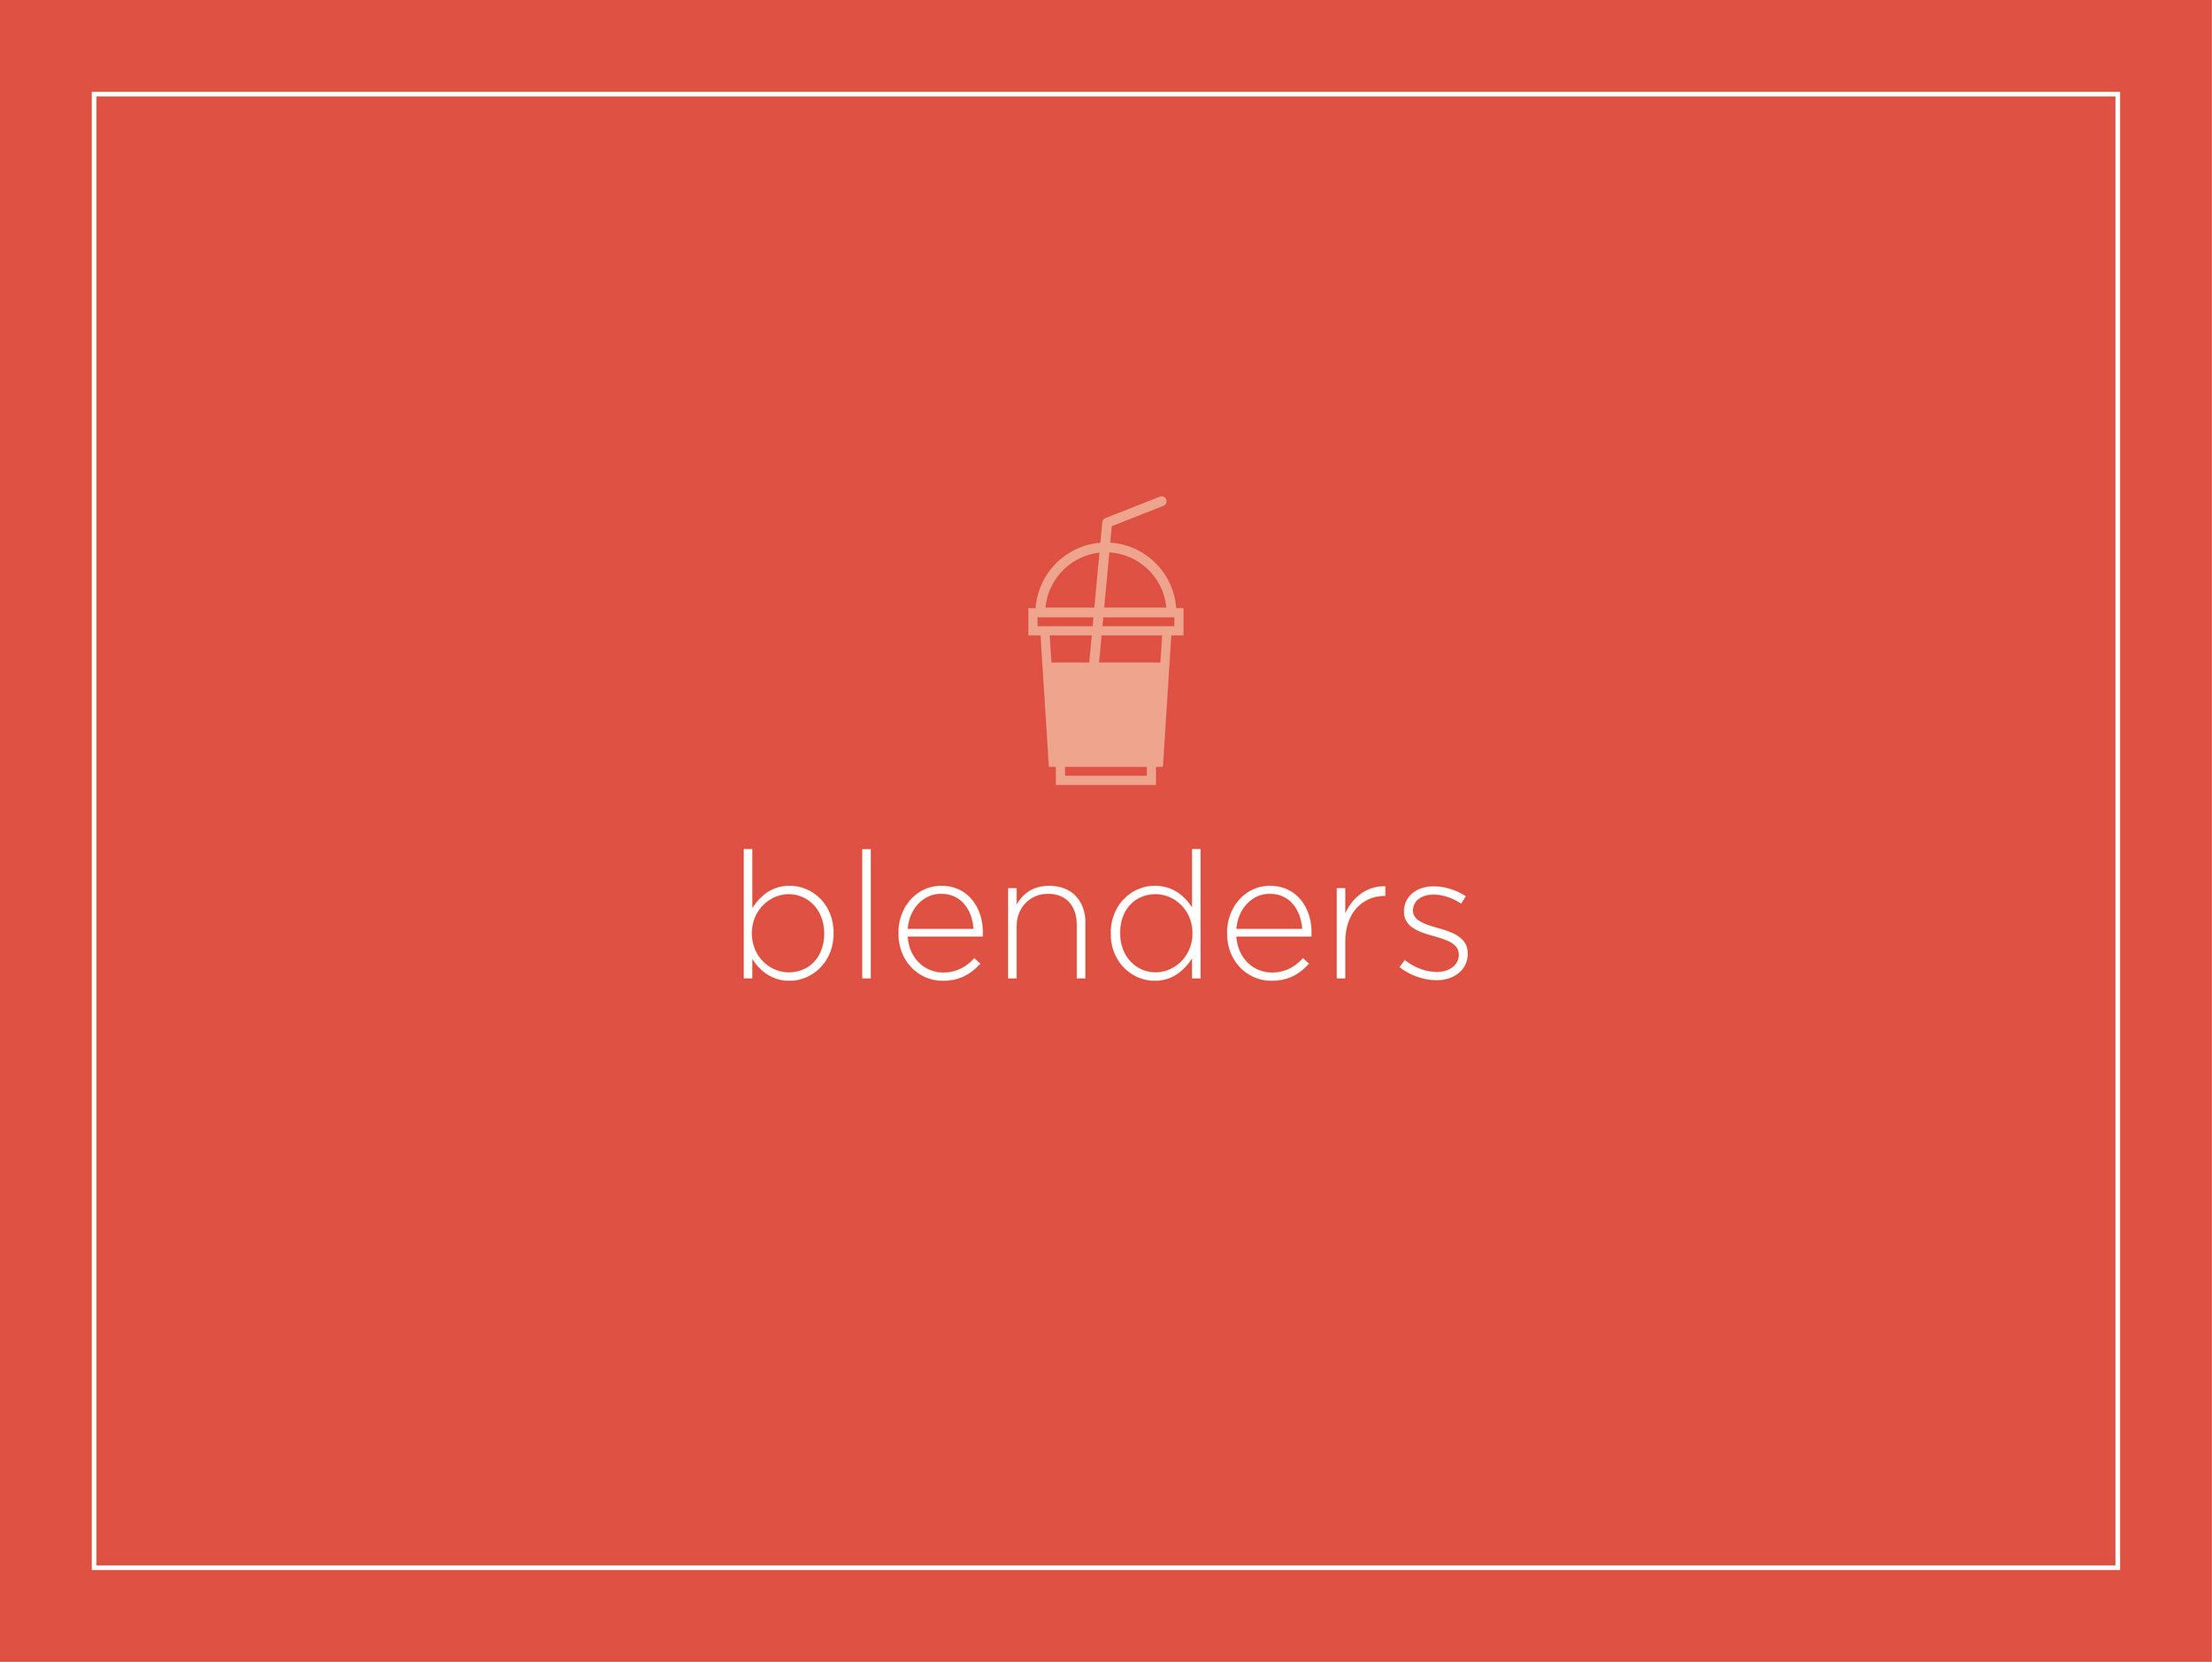 - [our house blended frozen beverages]mocha blender: 3.75 | 4.25 | 4.75cappuccino blender: 3.75 | 4.25 | 4.75caramel blender: 3.75 | 4.25 | 4.75strawberries & cream: 3.75 | 4.25 | 4.75chai blender: 3.75 | 4.25 | 4.75